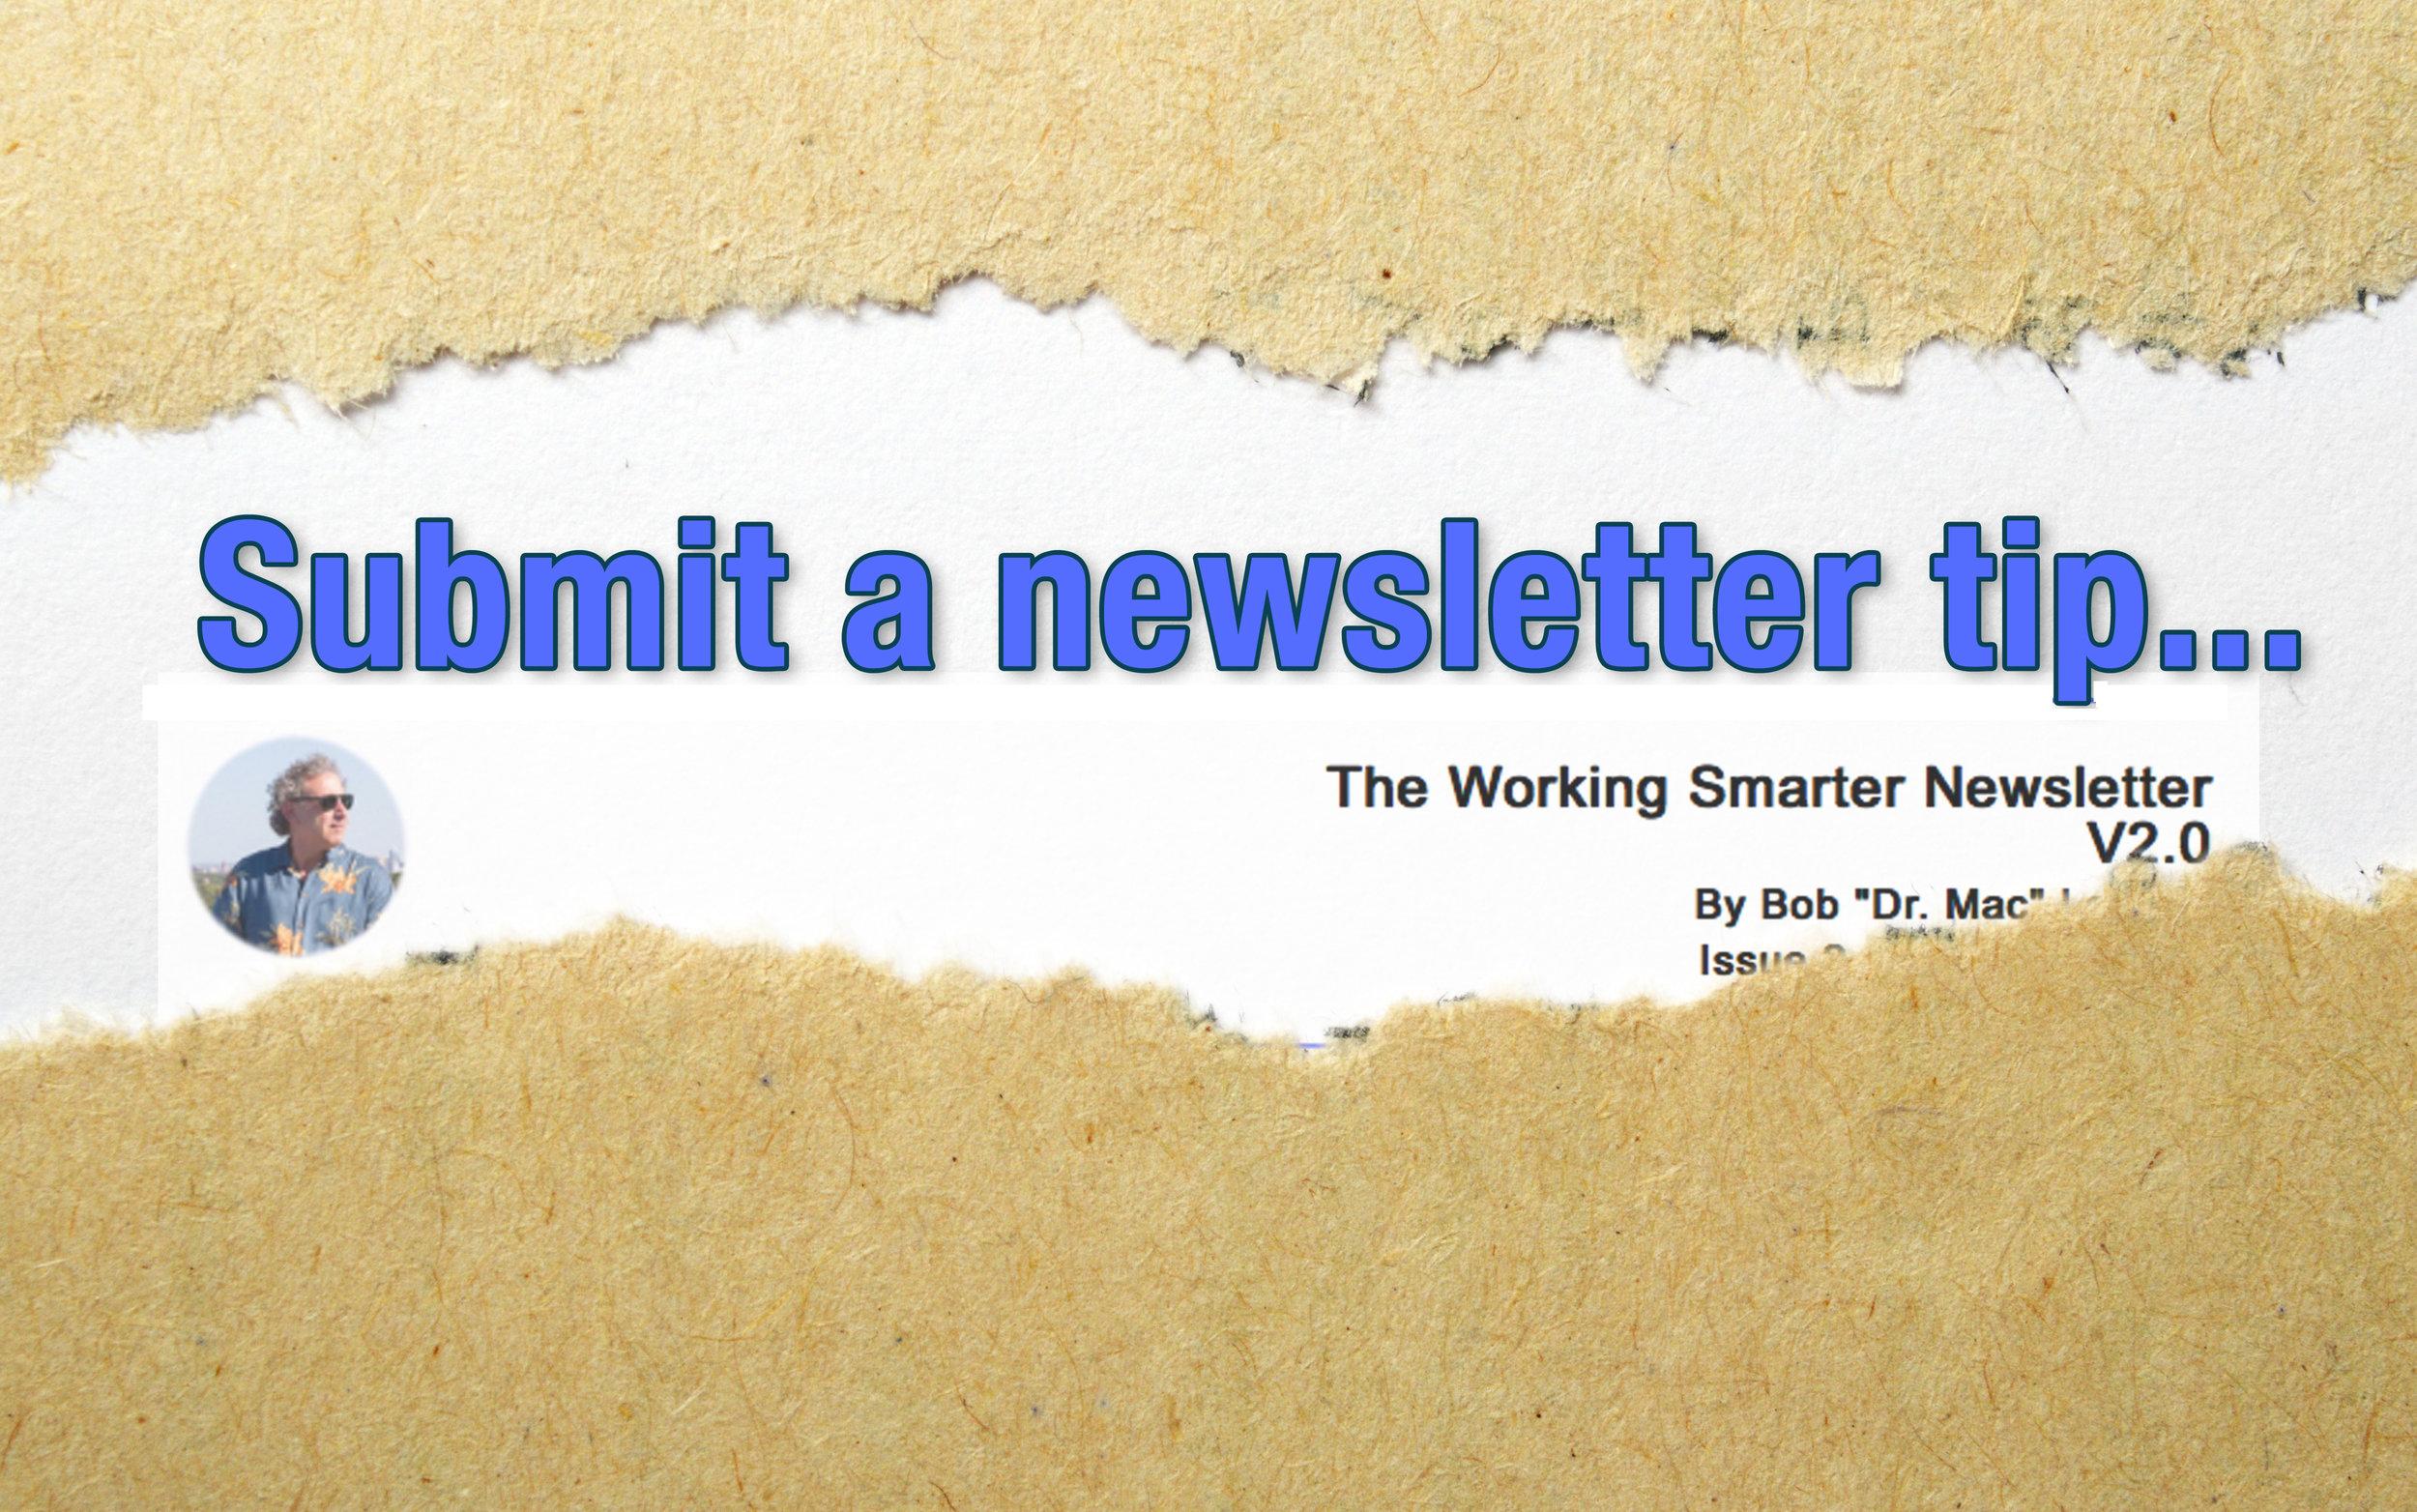 newsletter tip.jpg